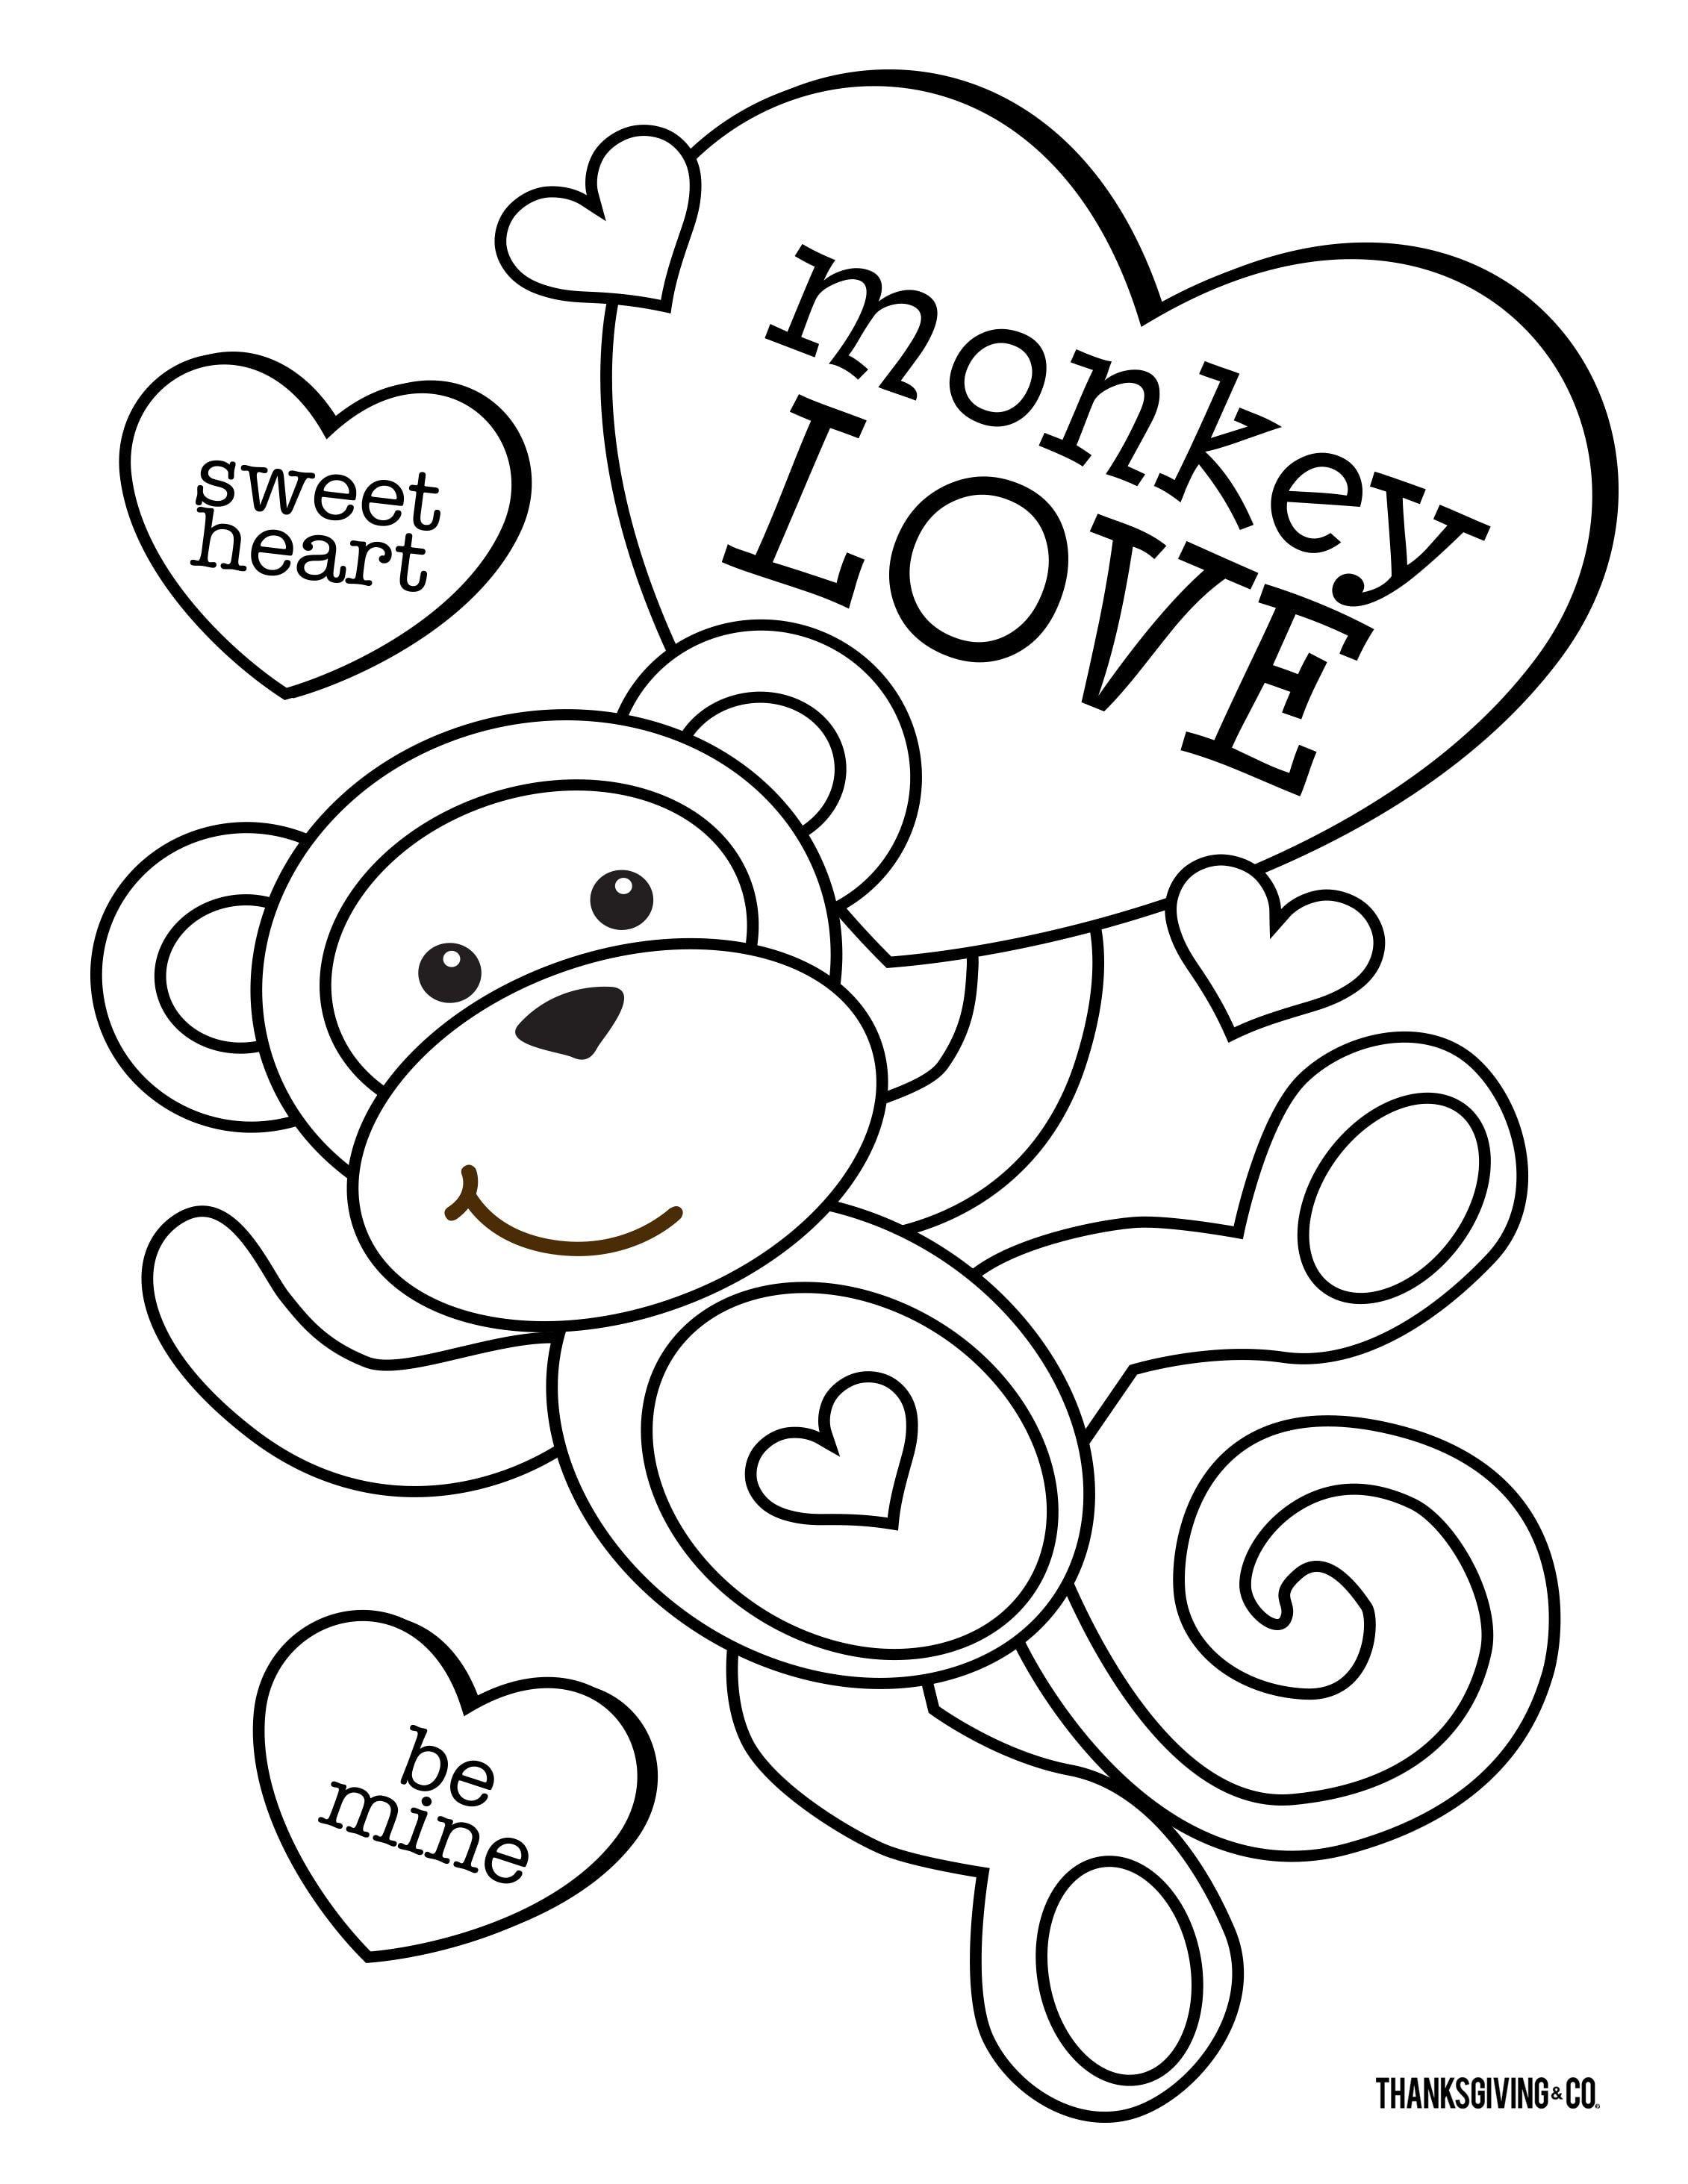 4 Kostenlose Malvorlagen Zum Valentinstag Fur Kinder Toddler Activities